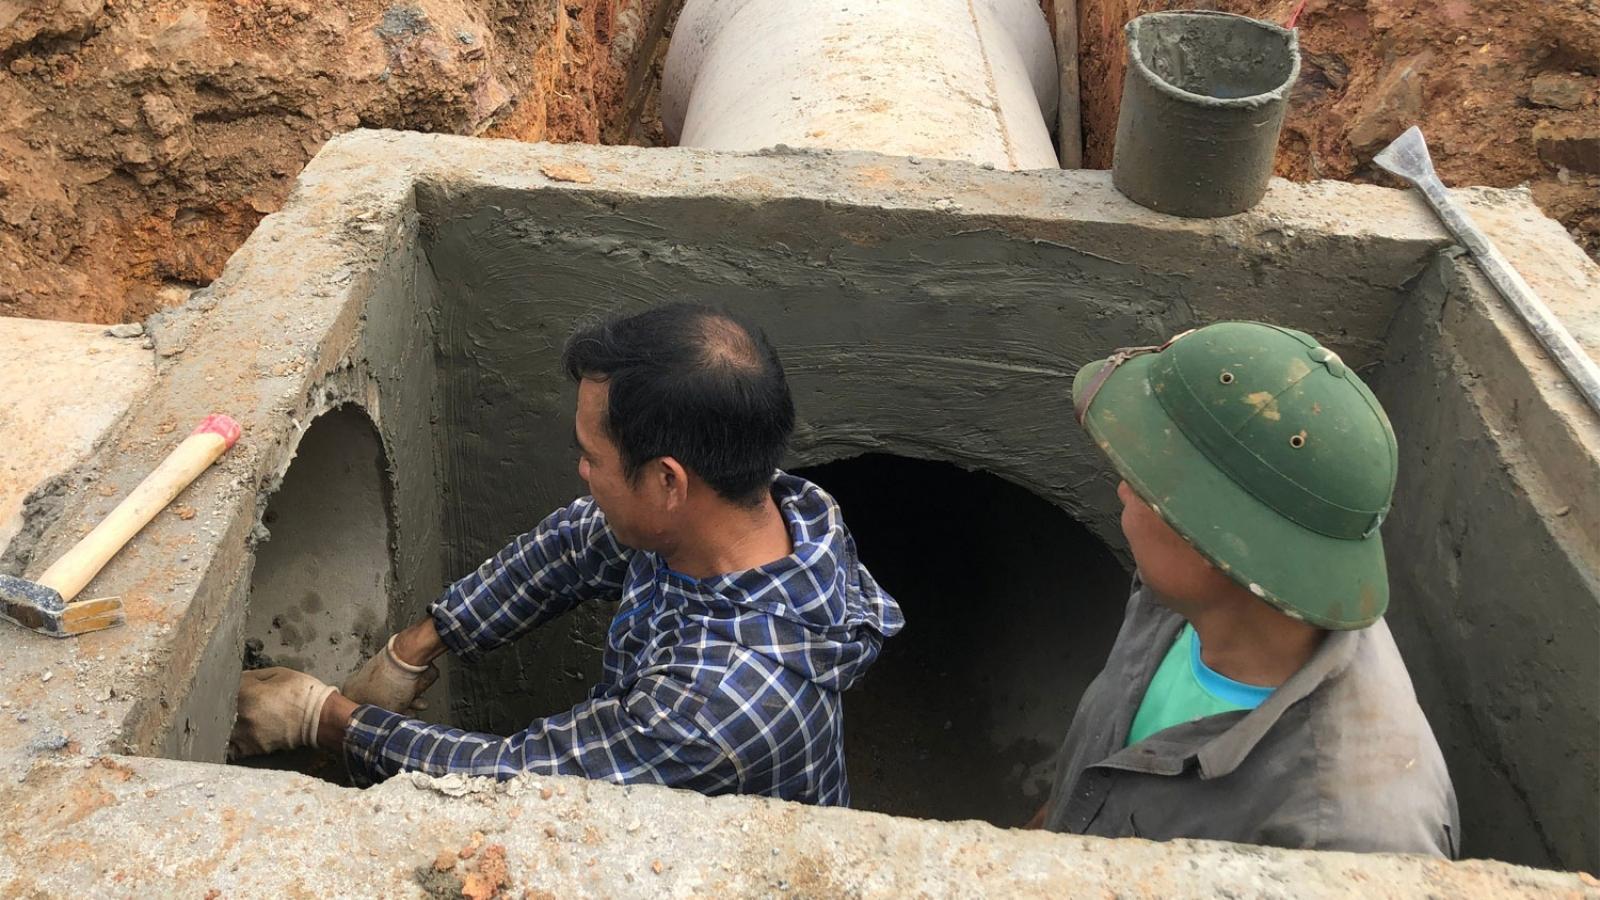 Lao động tự do tại Hà Nội được hỗ trợ 1,5 triệu đồng do mất việc vì Covid-19